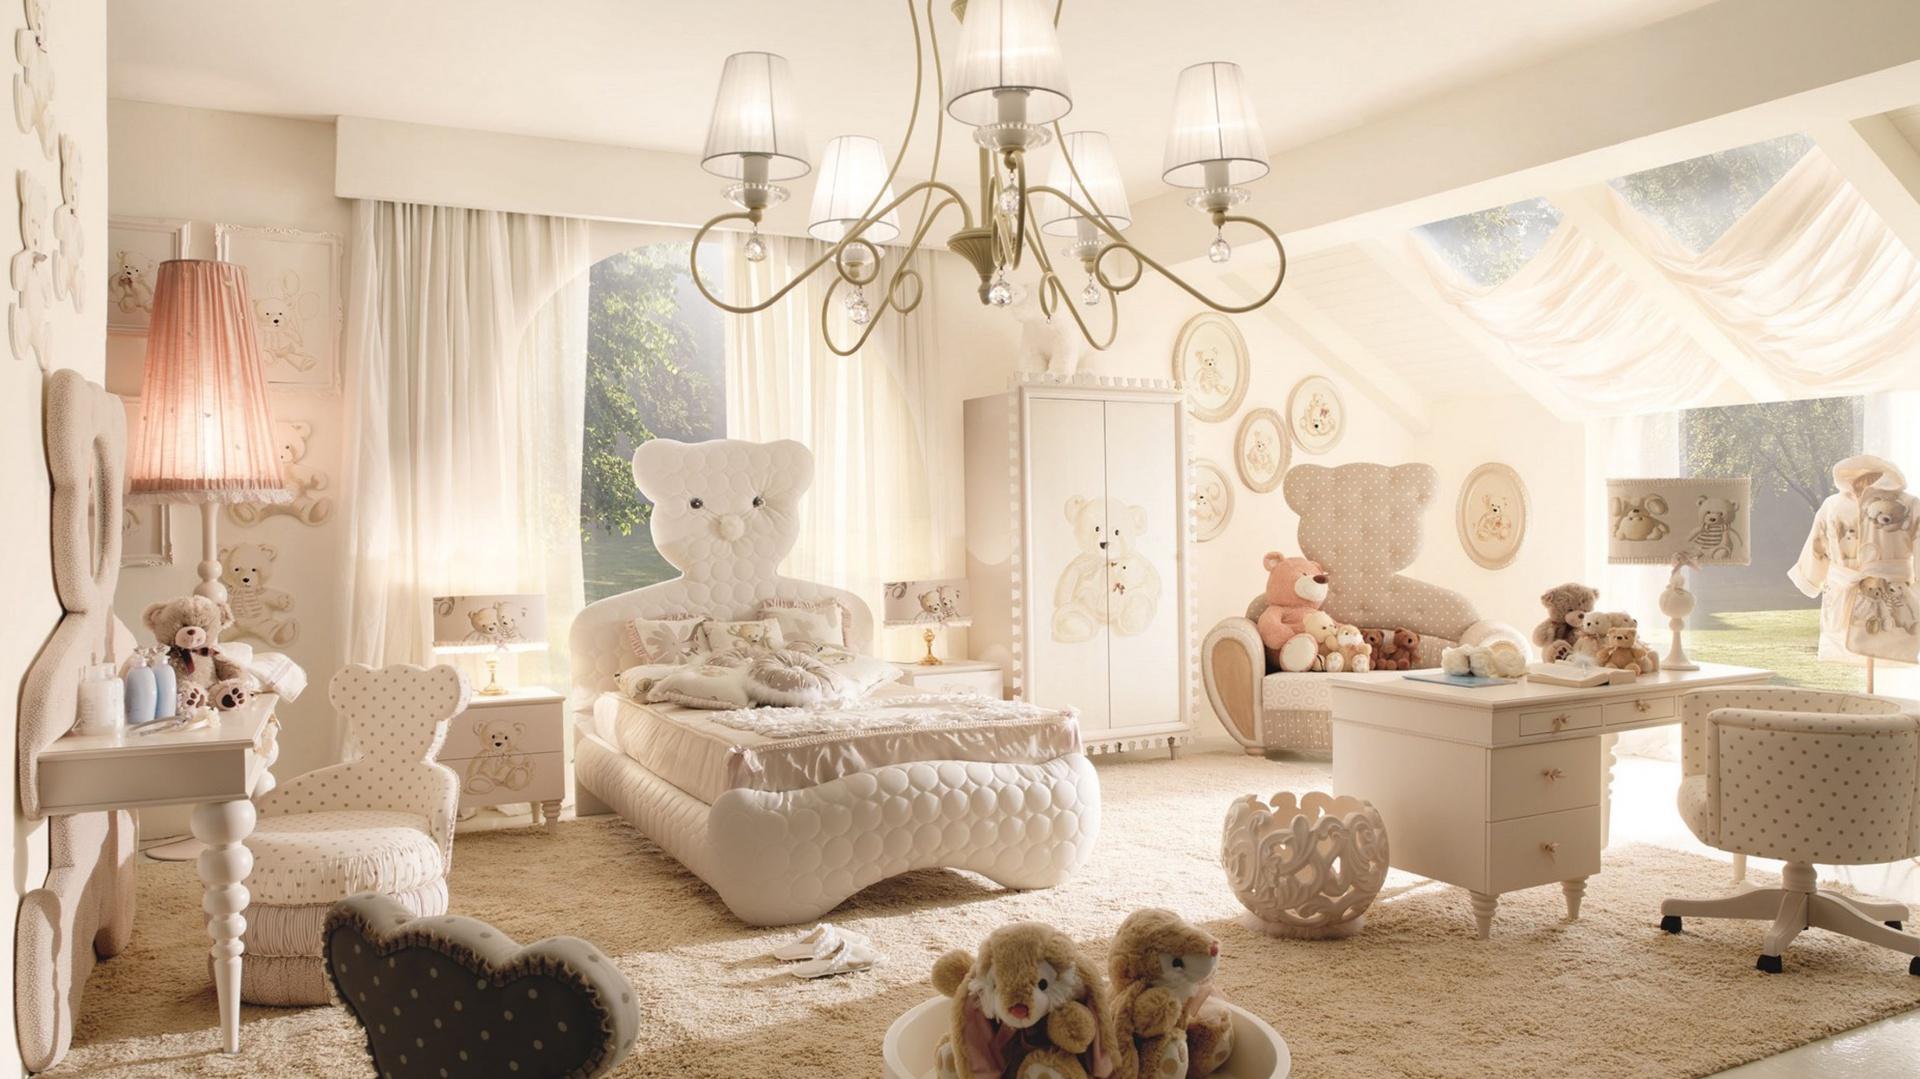 Wszechobecny motyw misia sprawia, że pokój dziecka jest nie tylko oryginalny, ale i bardzo przytulny. Fot. Fabio Luciani.